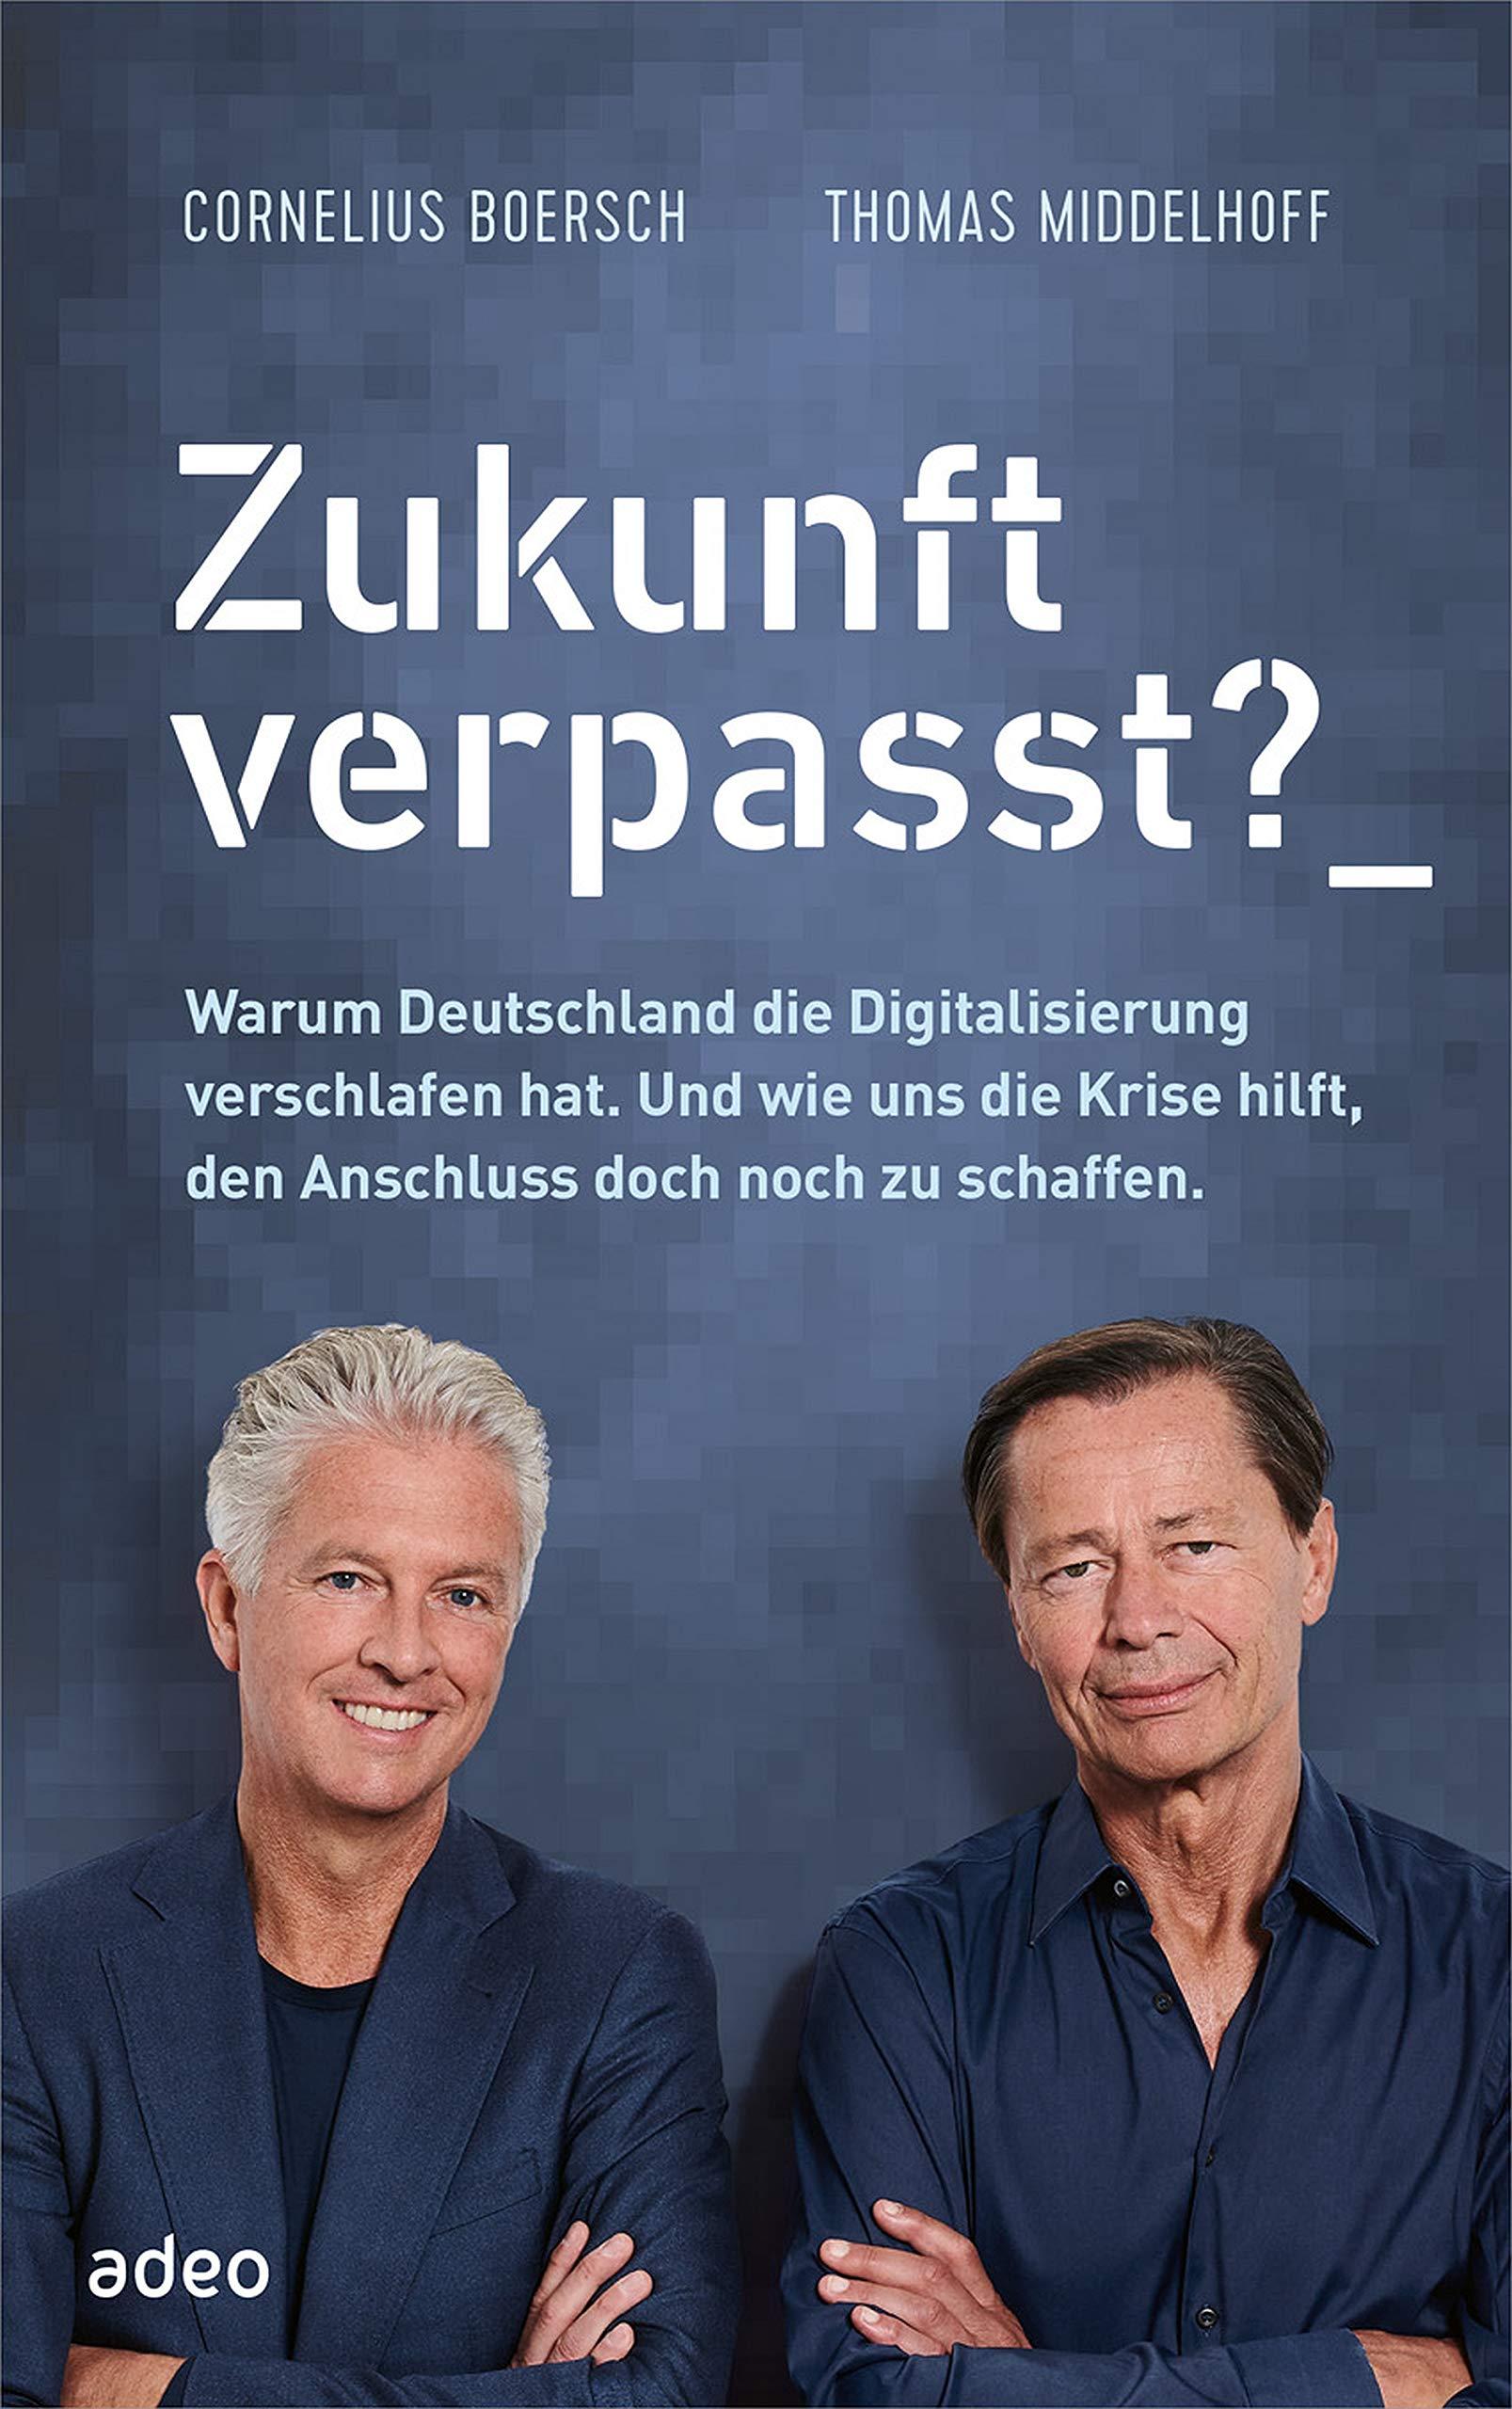 Zukunft verpasst?: Warum Deutschland die Digitalisierung verschlafen hat. Und wie uns die Krise hilft, den Anschluss doch noch zu schaffen. (German Edition)